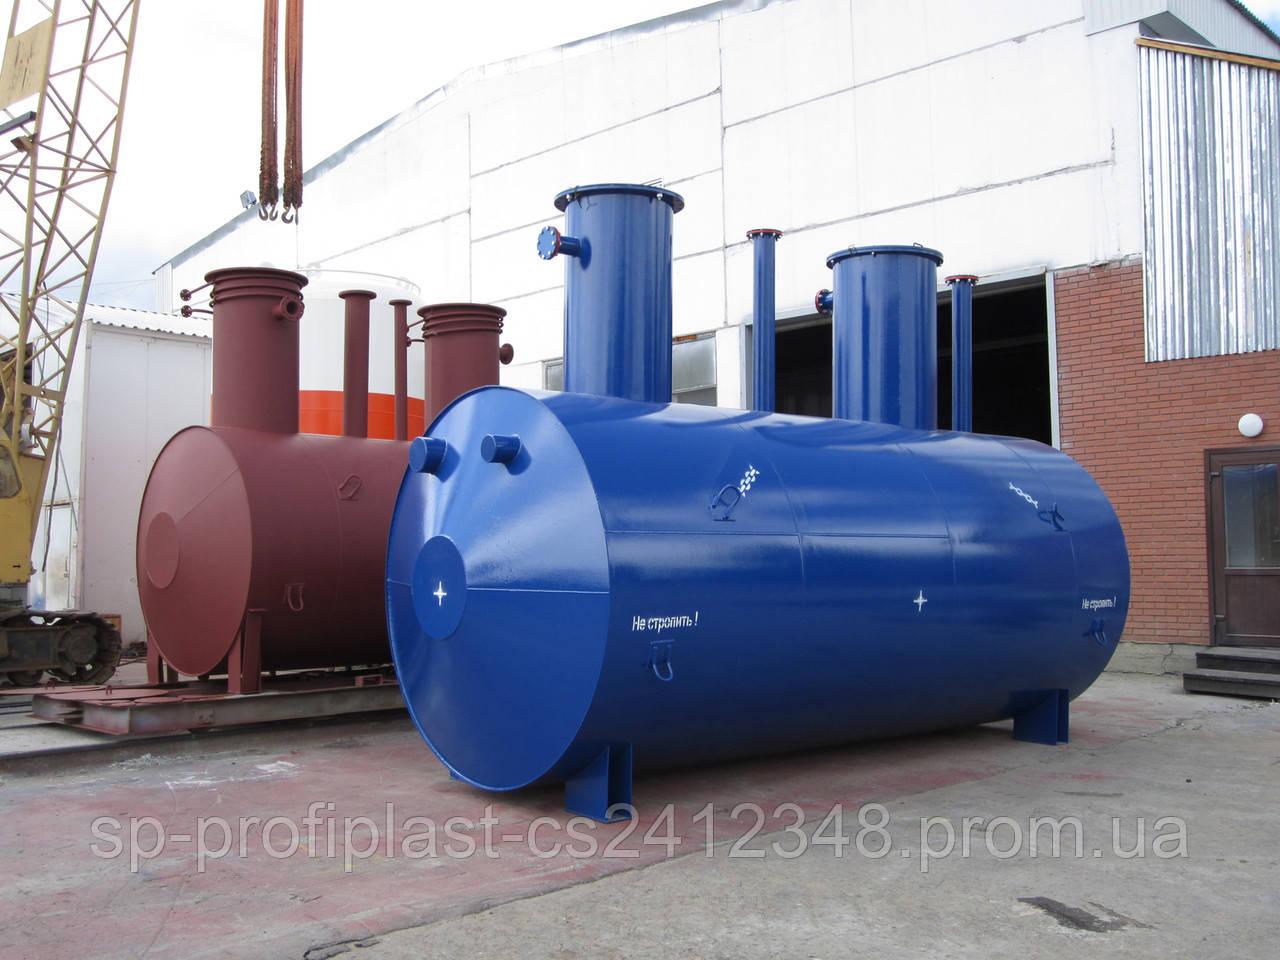 Пожарная емкость для воды - ООО «СП «ПРОФИПЛАСТ» в Сумах